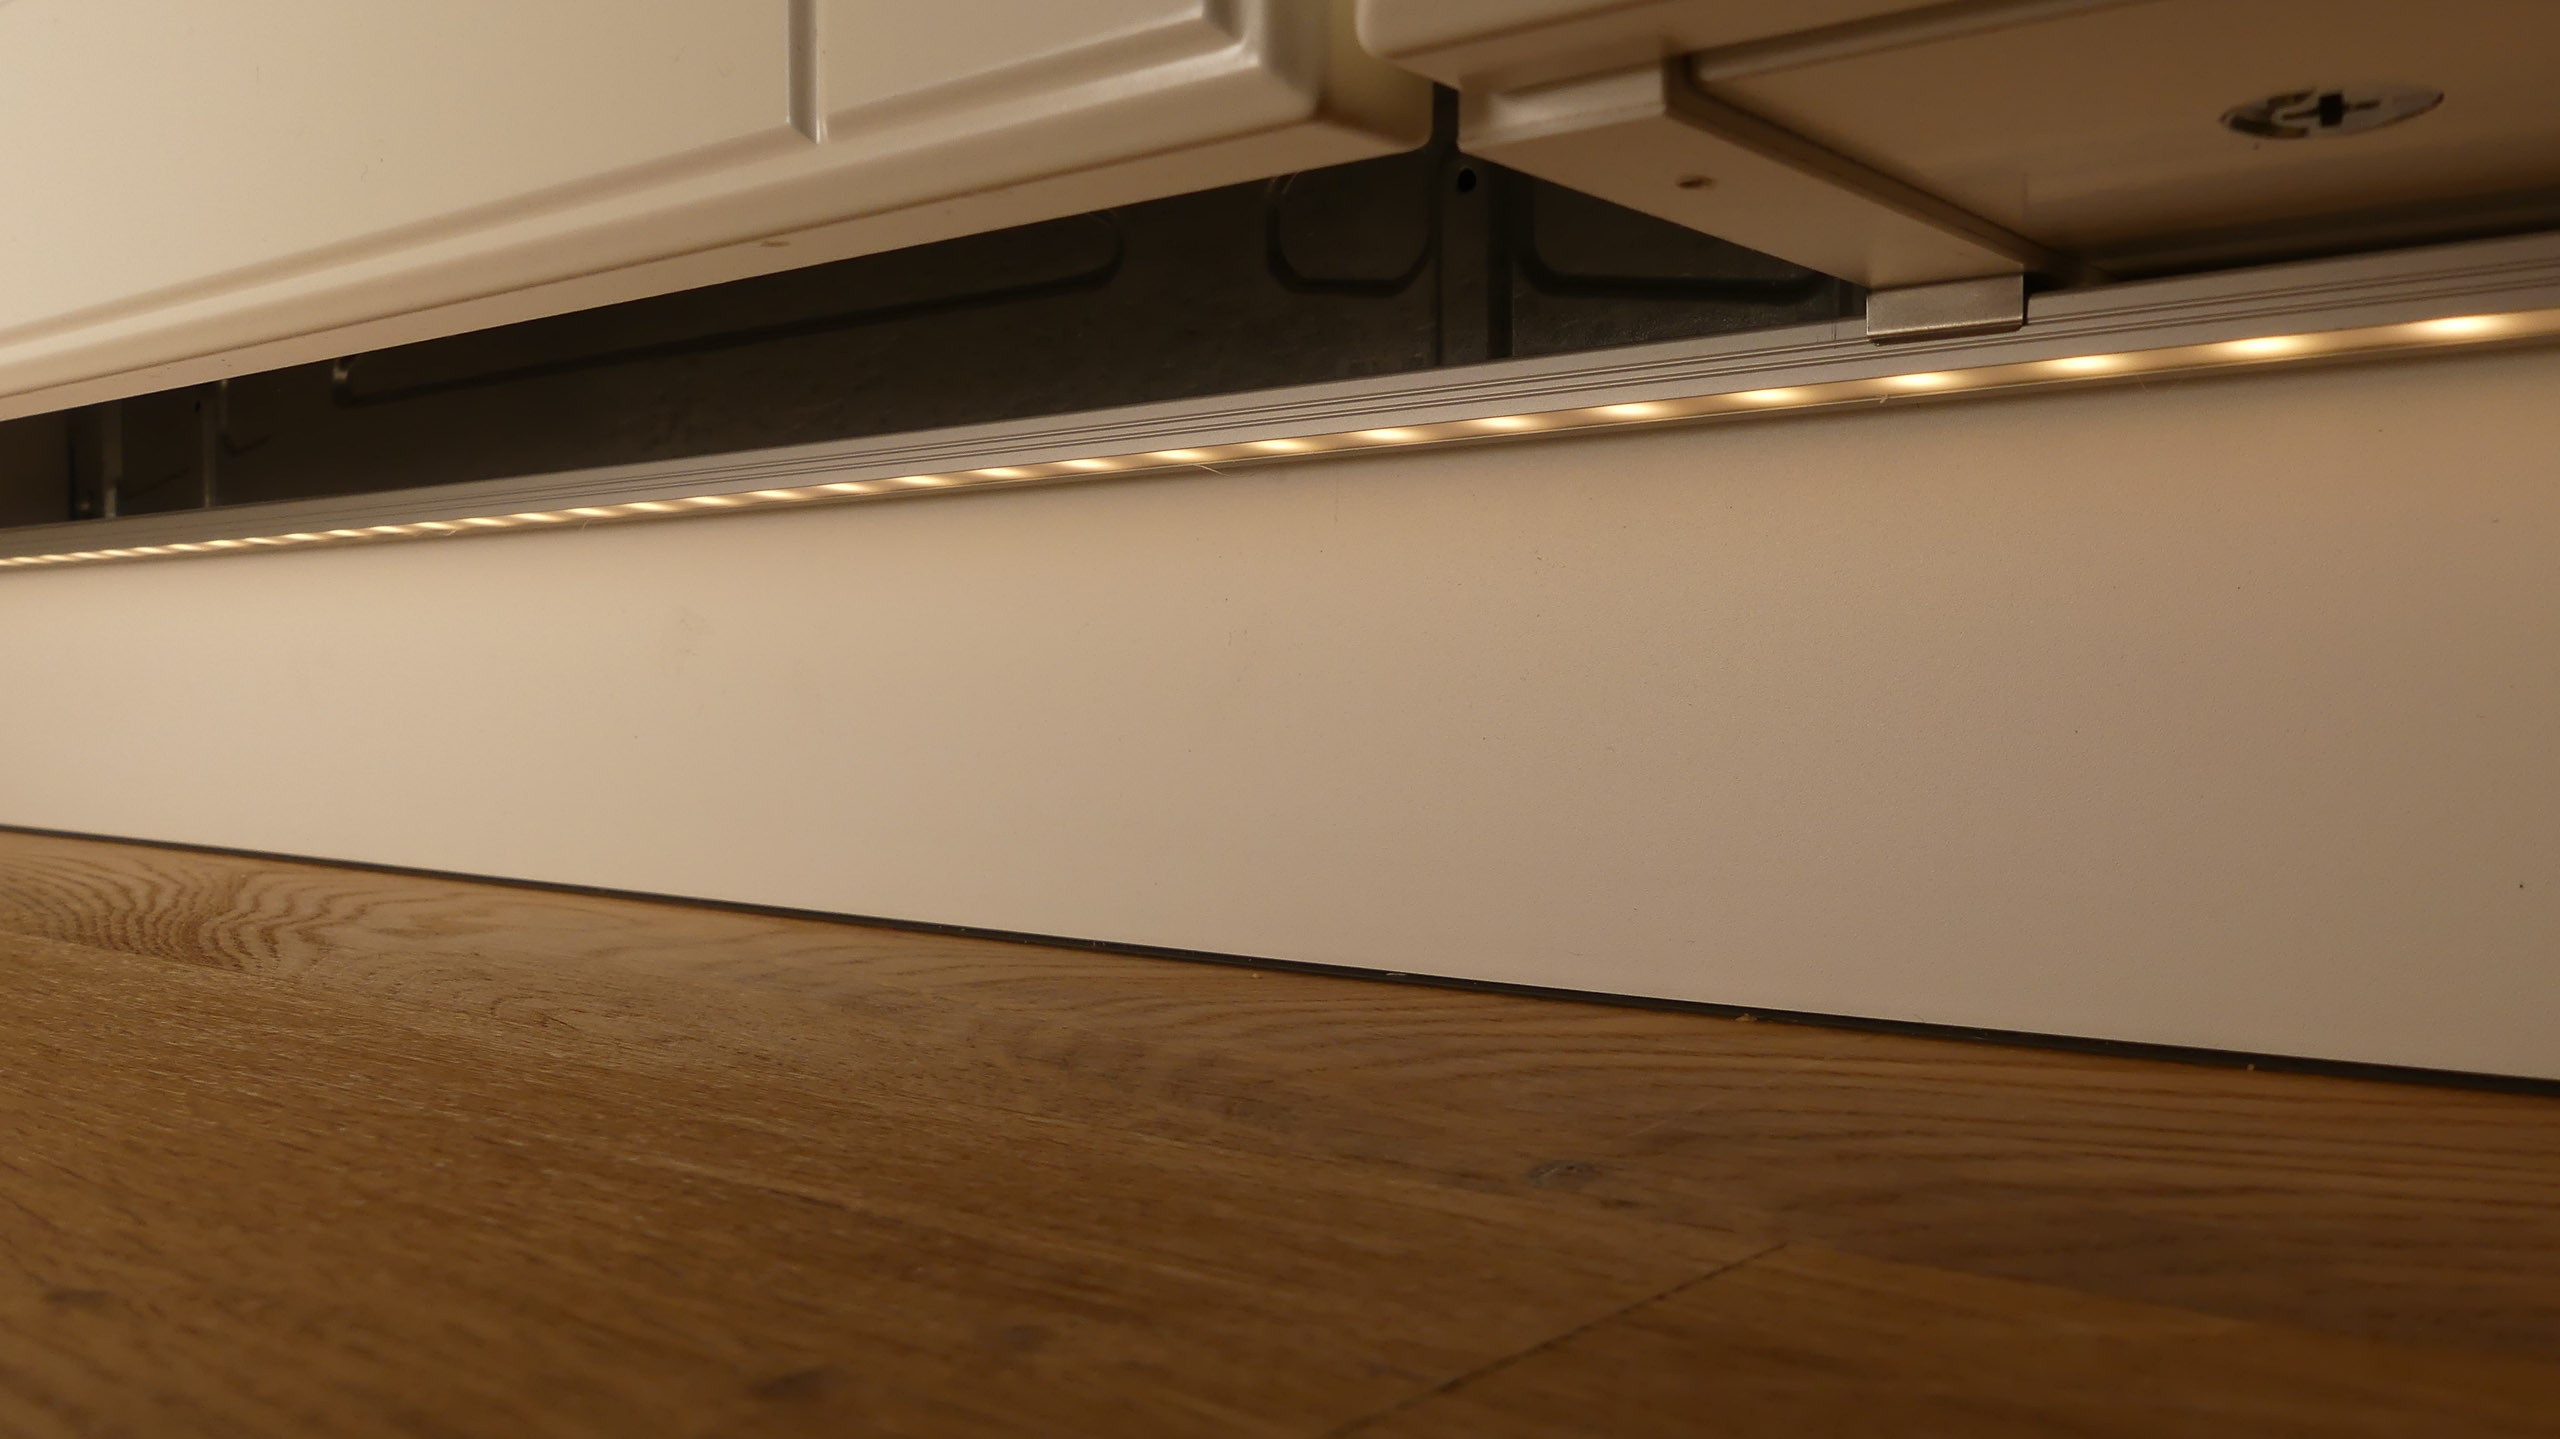 Full Size of Ikea Sockelleiste Ecke Sockel Und Fuleisten Kitchen Deckenleuchte Bad Deckenleuchten Küche Schlafzimmer Tagesdecken Für Betten Deckenlampe Esstisch Wohnzimmer Ikea Sockelleiste Ecke